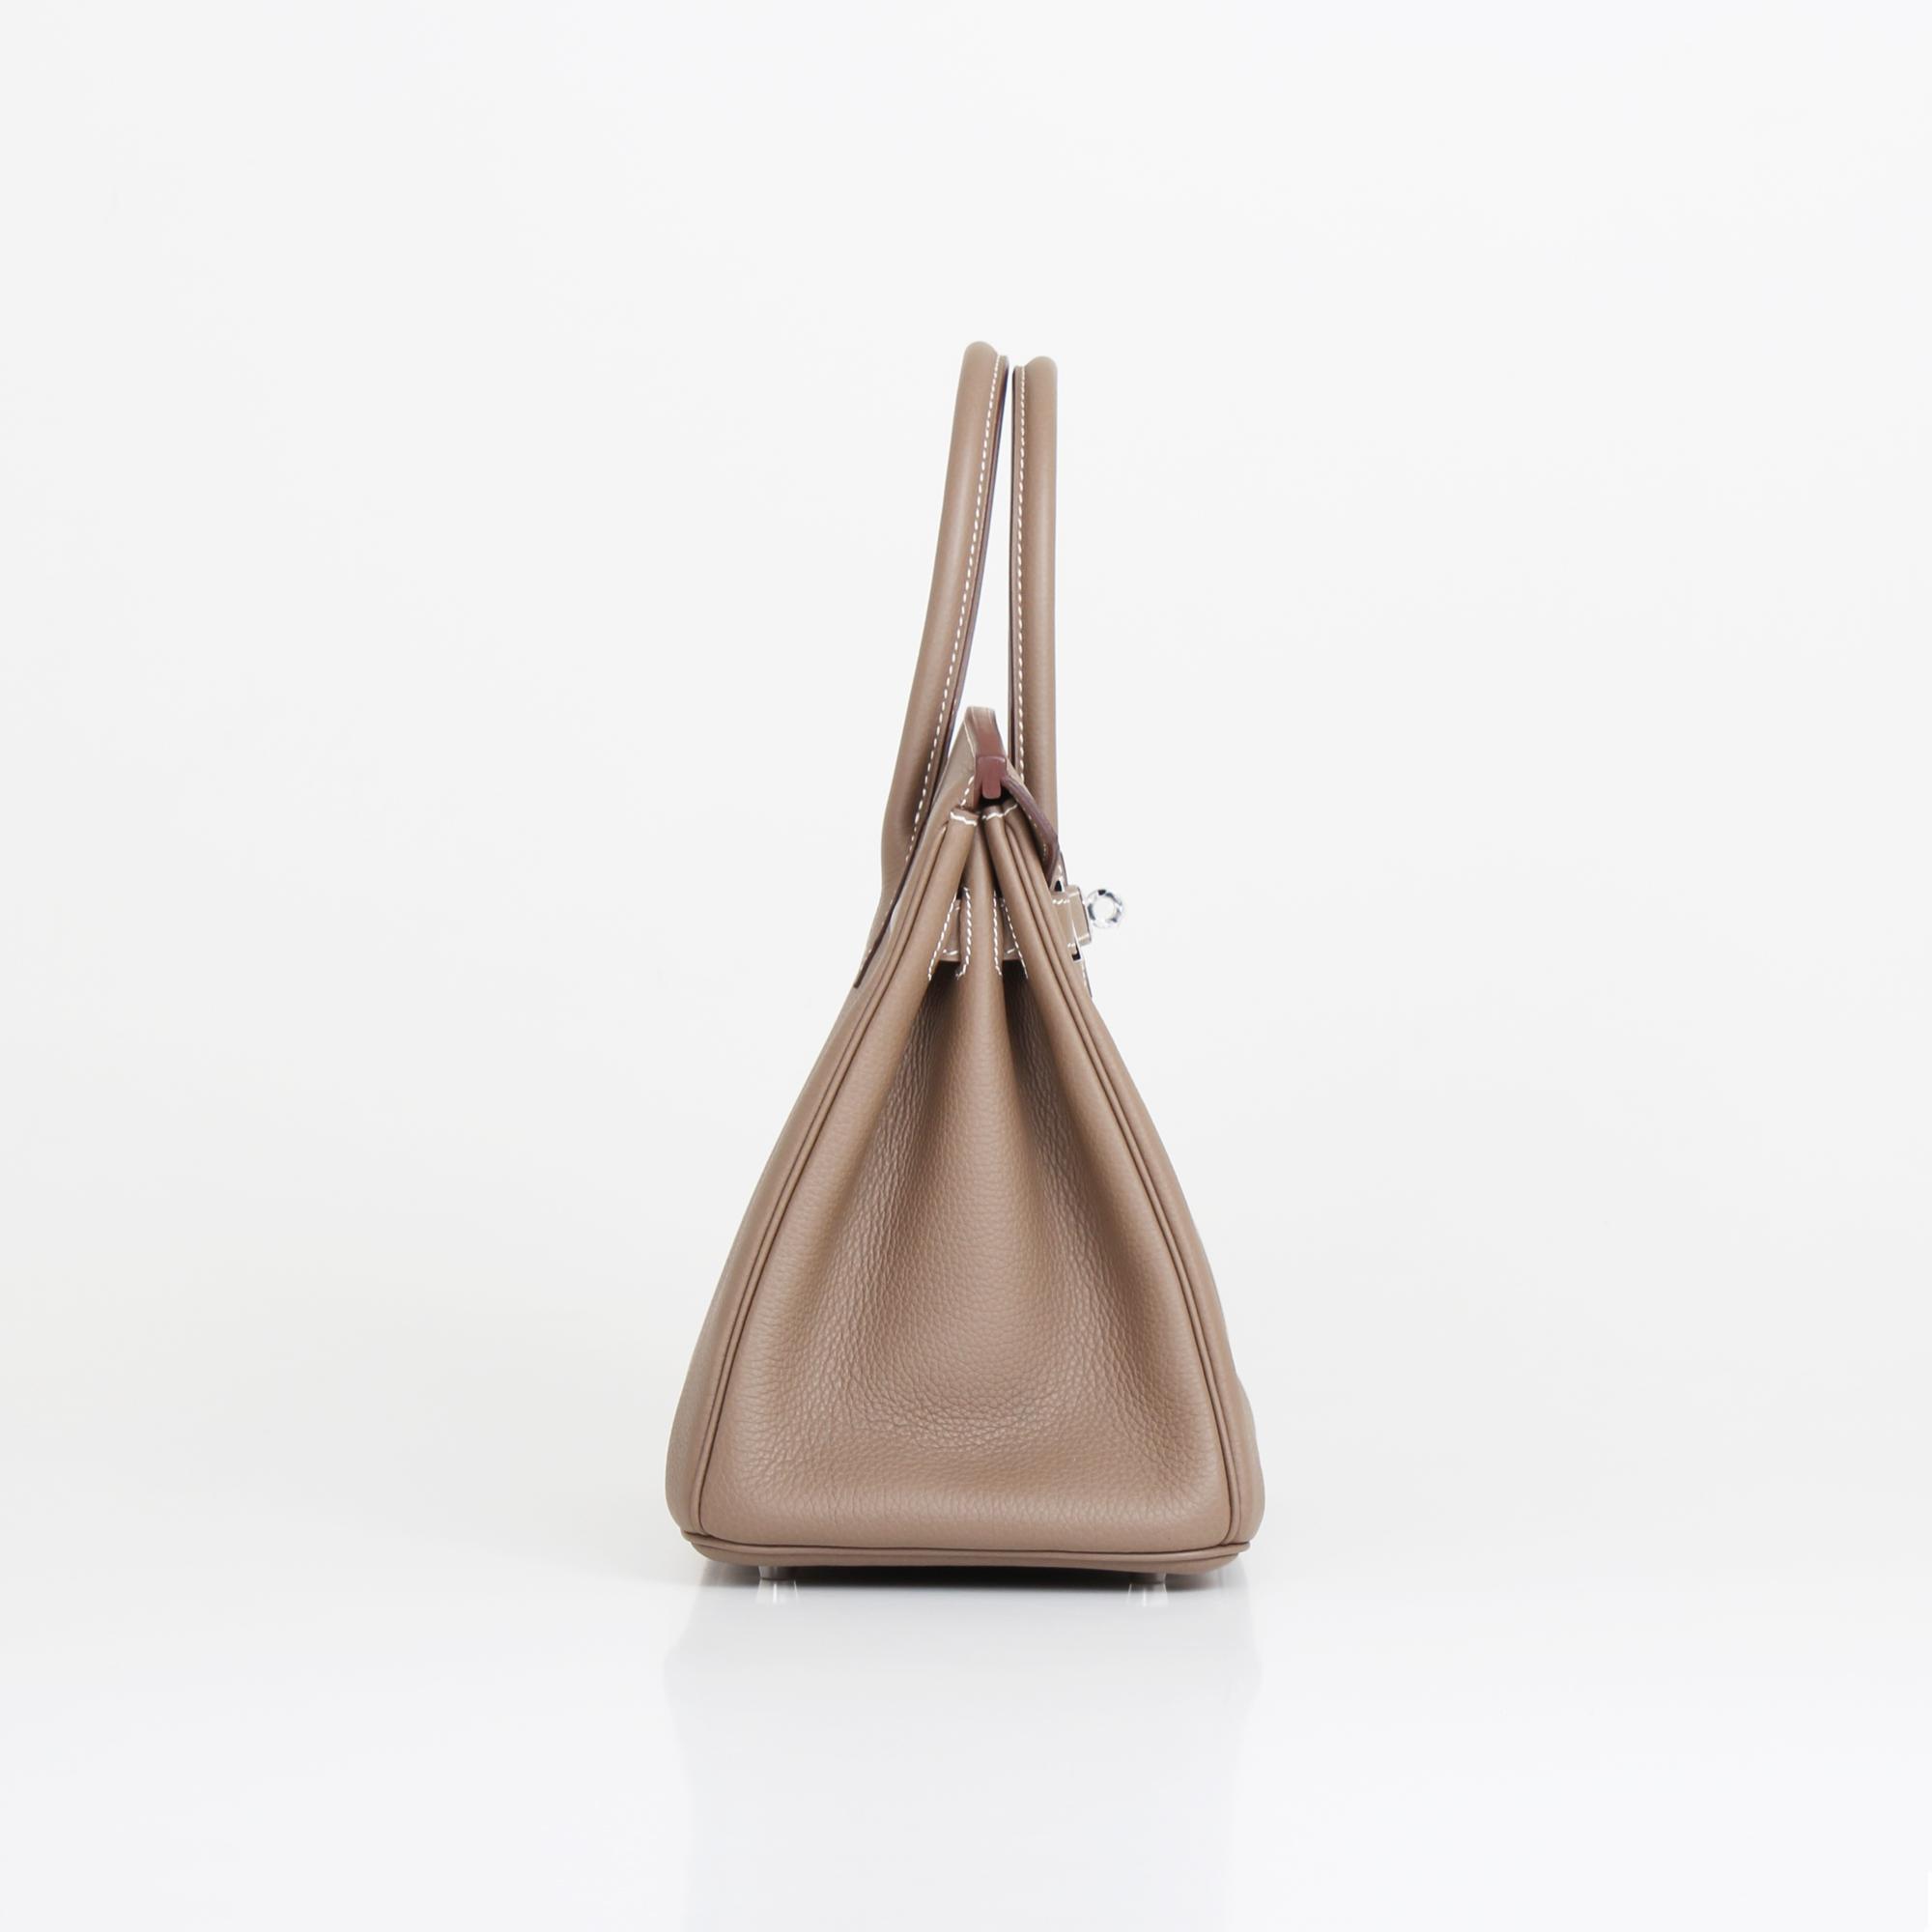 Side image of hermes birkin bag taupe togo